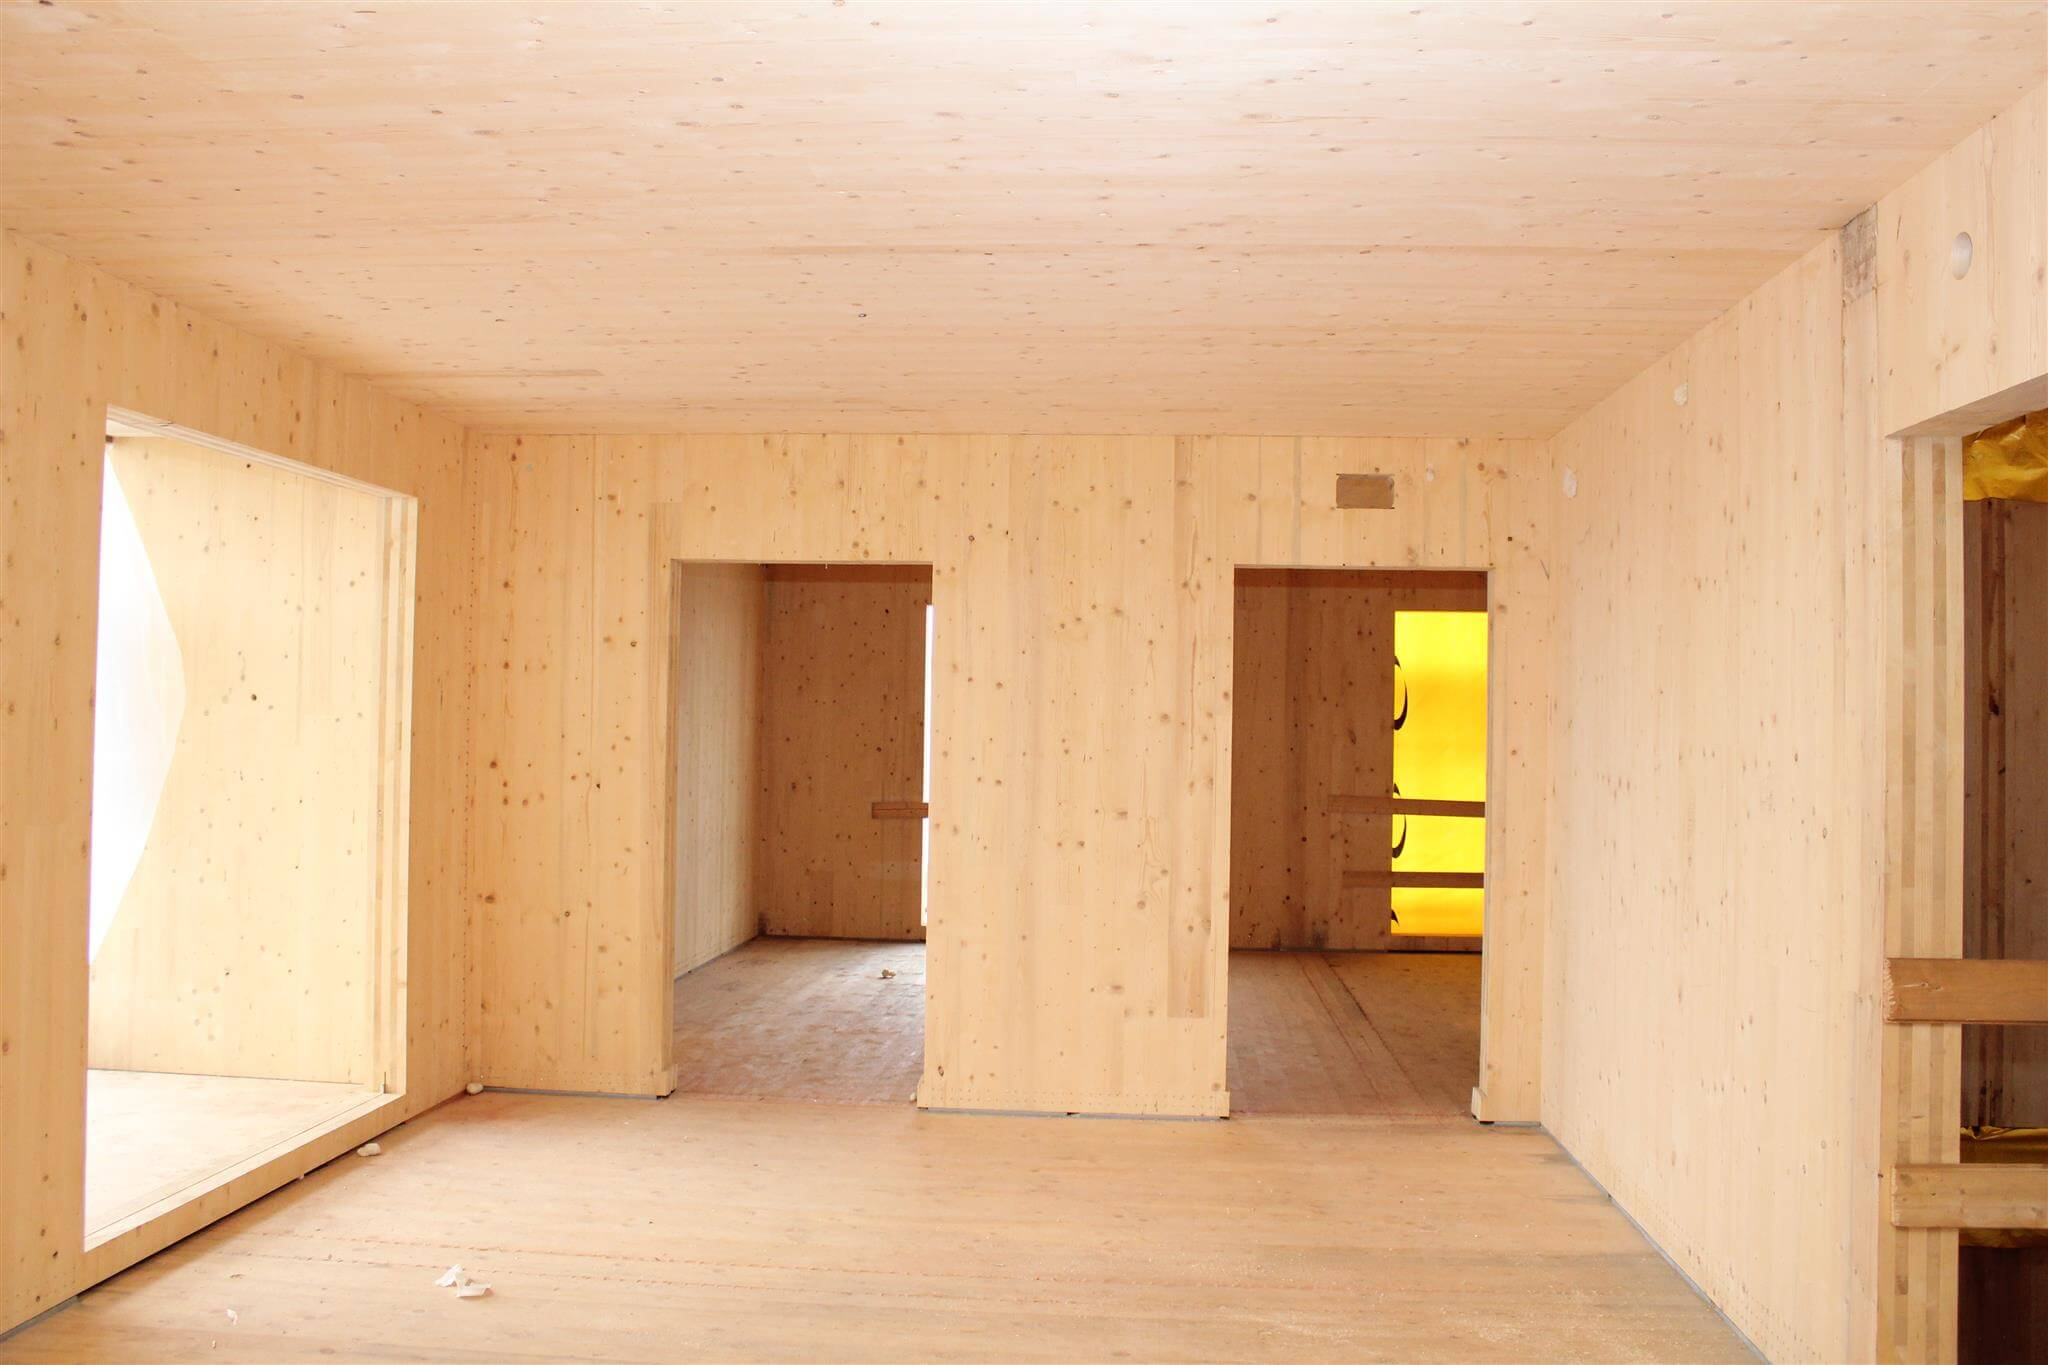 Sistema x lam casa in legno prefabbricata immobilgreen for Case legno xlam